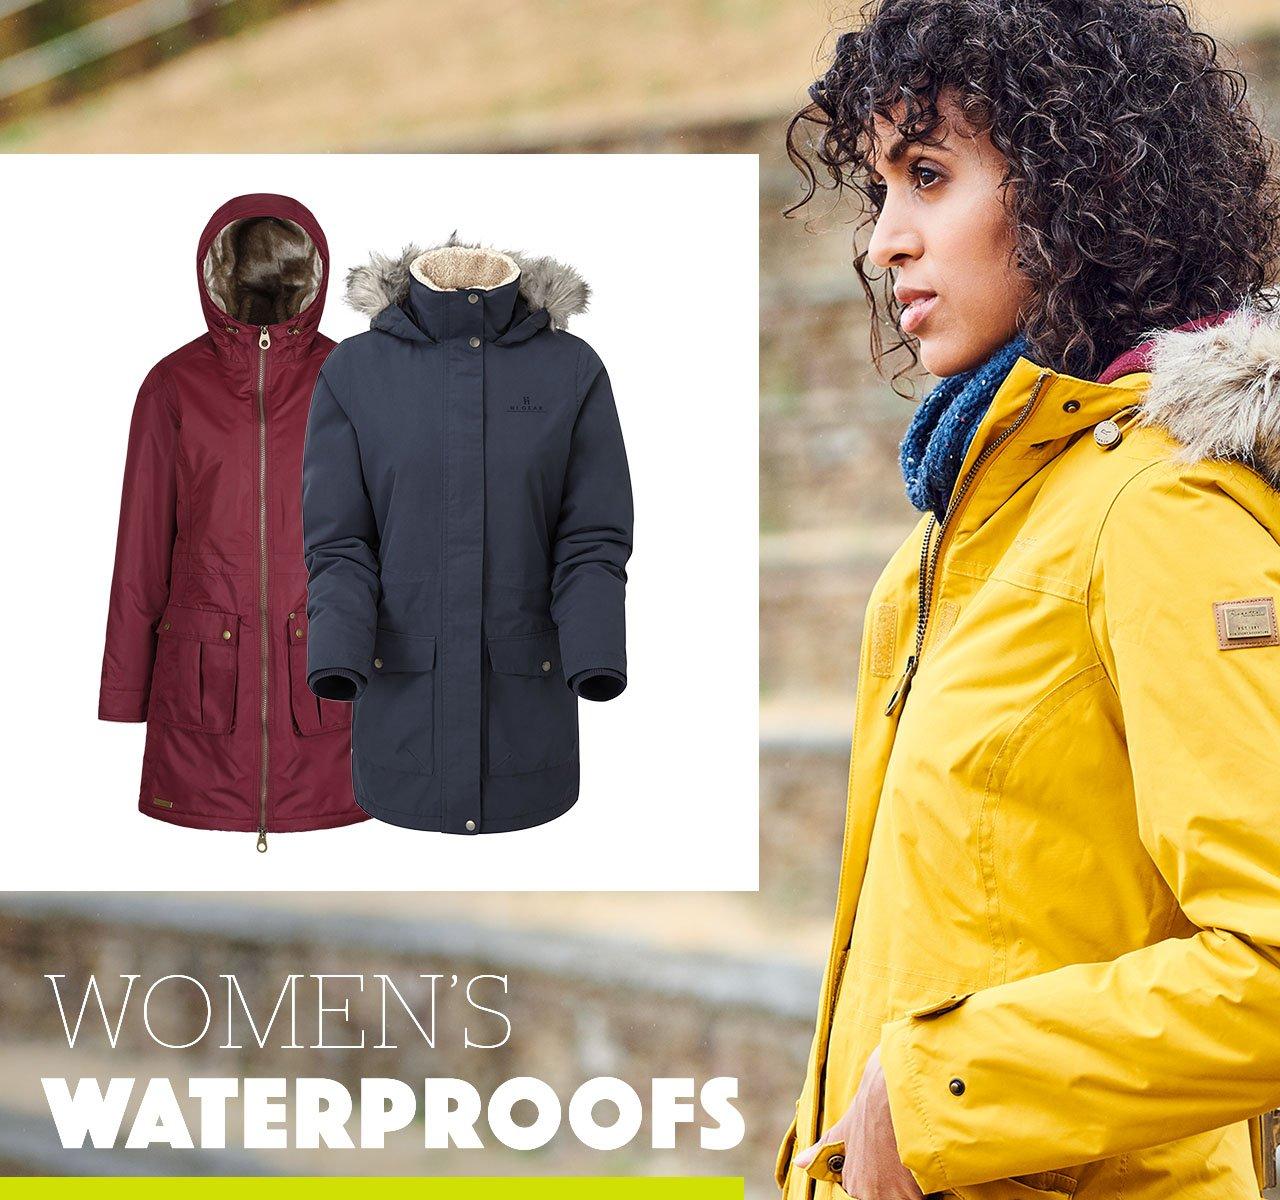 Women's waterproof